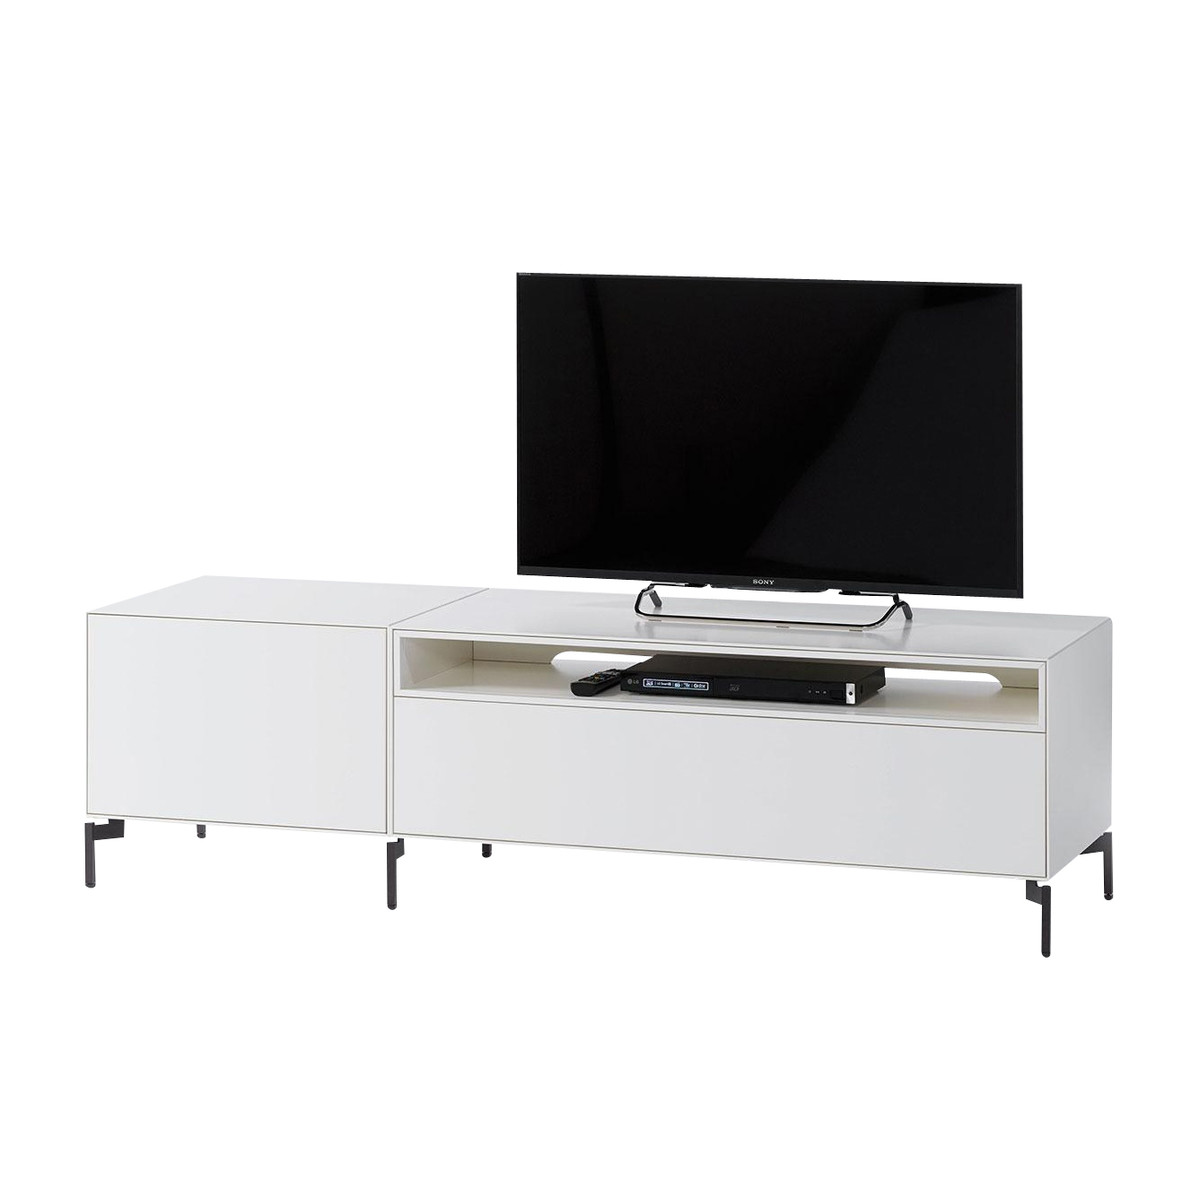 Nex Pur Box Meuble T L 180×50 5x48cm Piure Ambientedirect Com # Meuble Tv Allemand